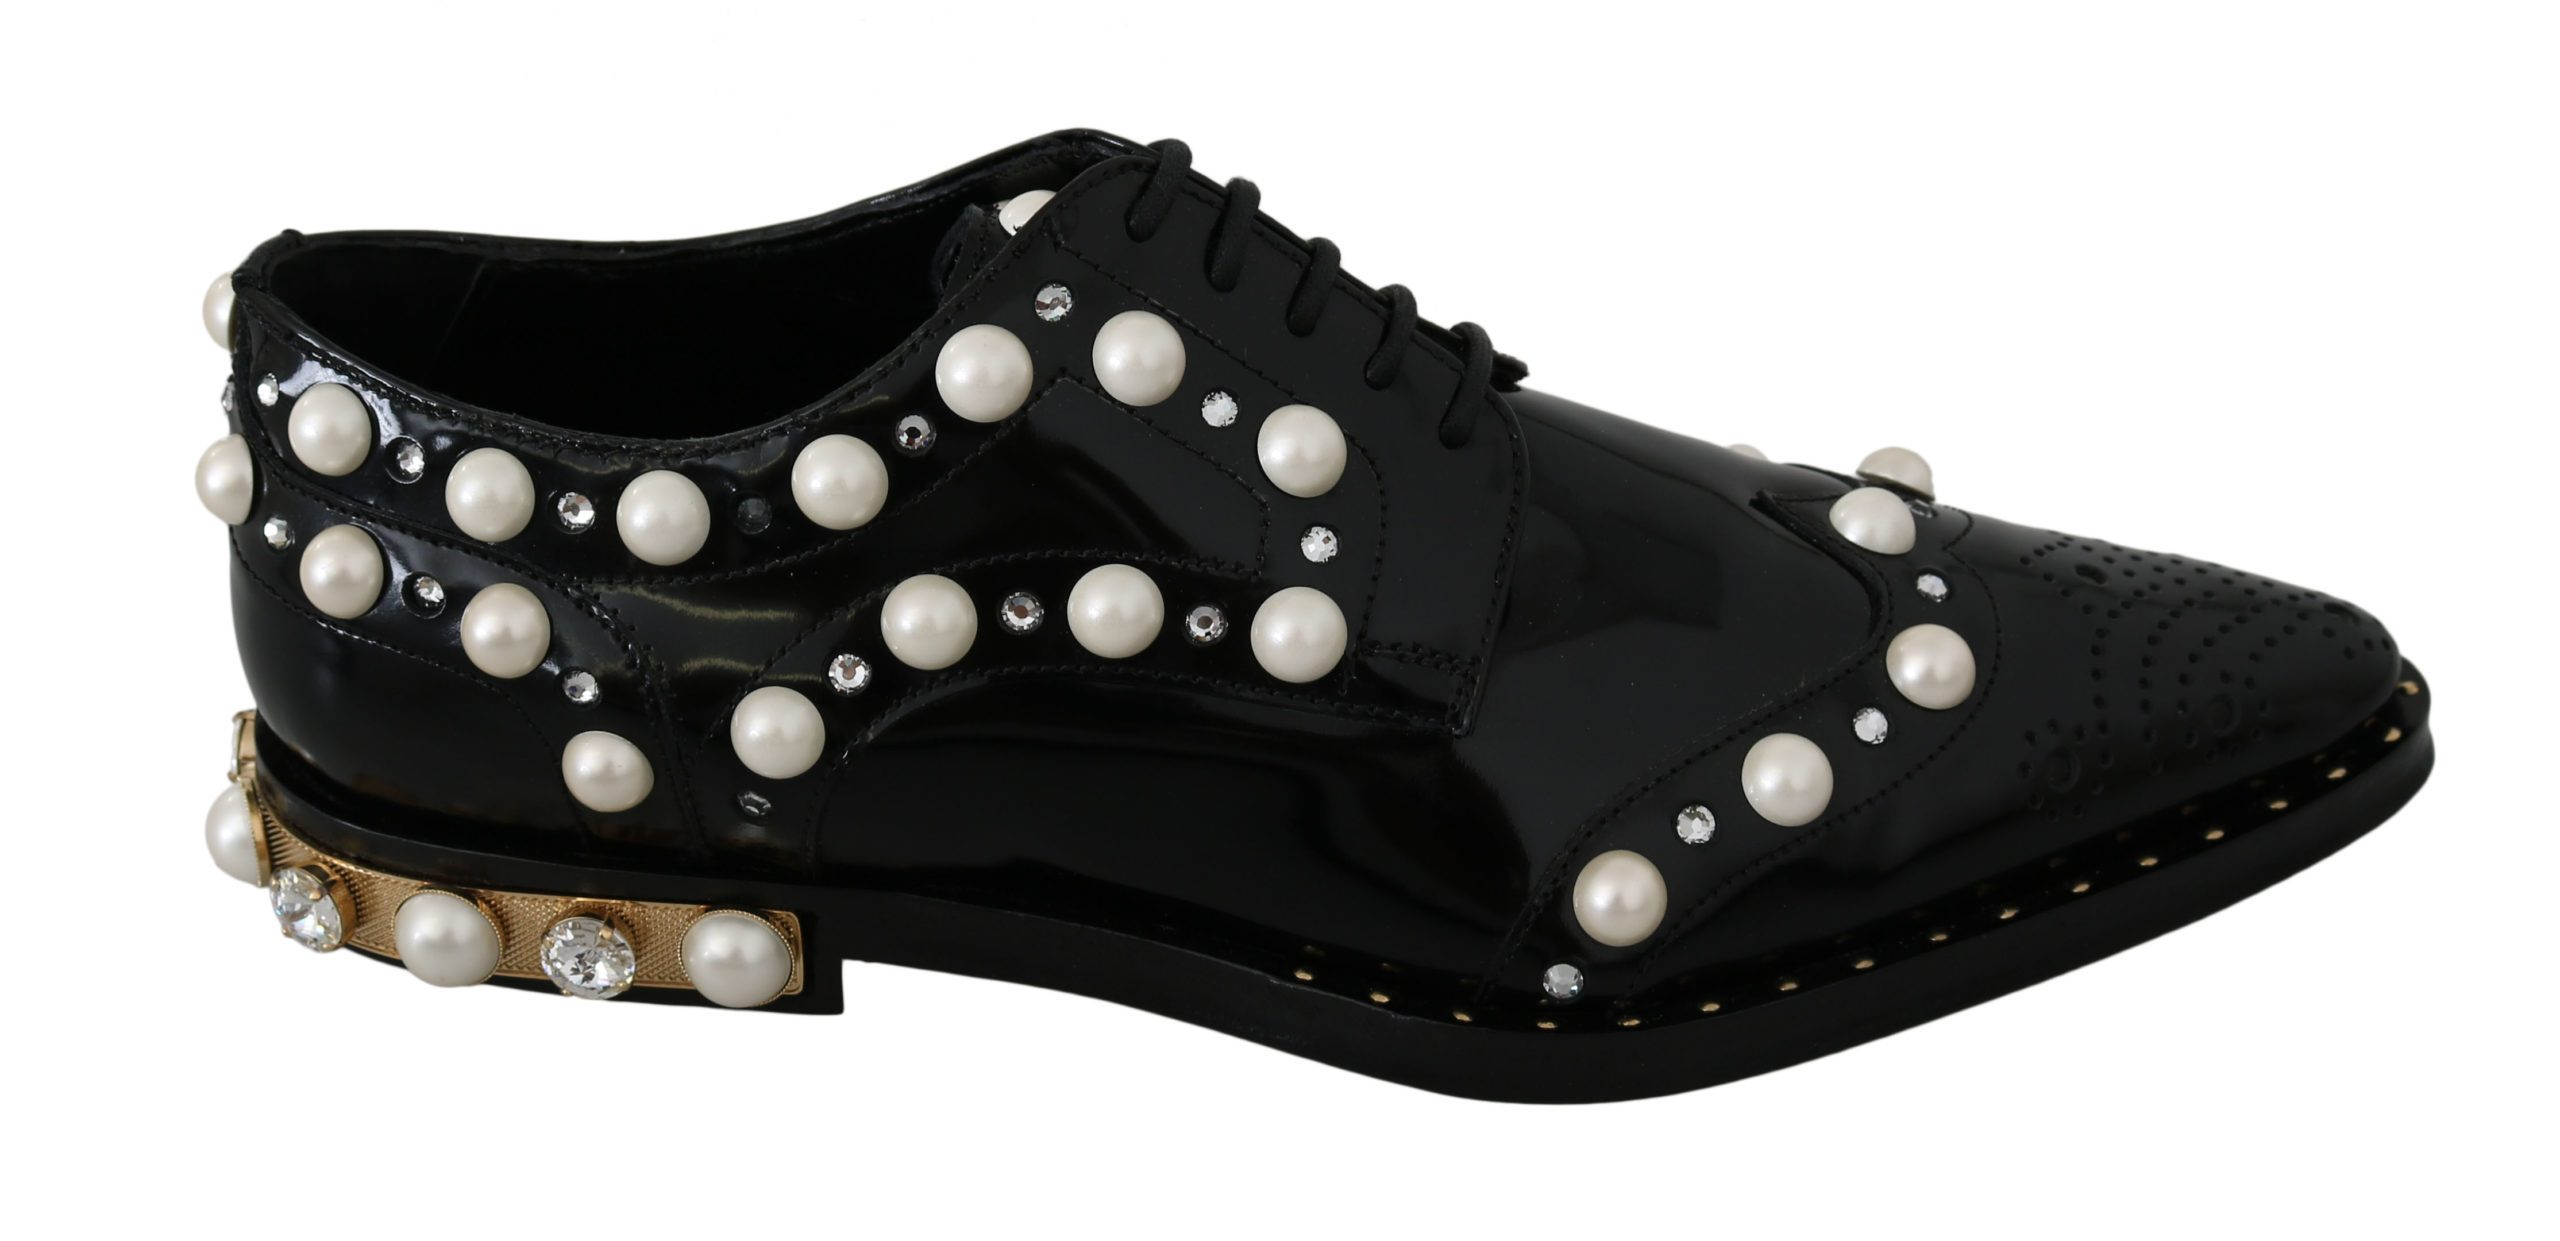 Dolce & Gabbana Women's Leather Crystals Broque Shoes Black LA7447 - EU39/US8.5